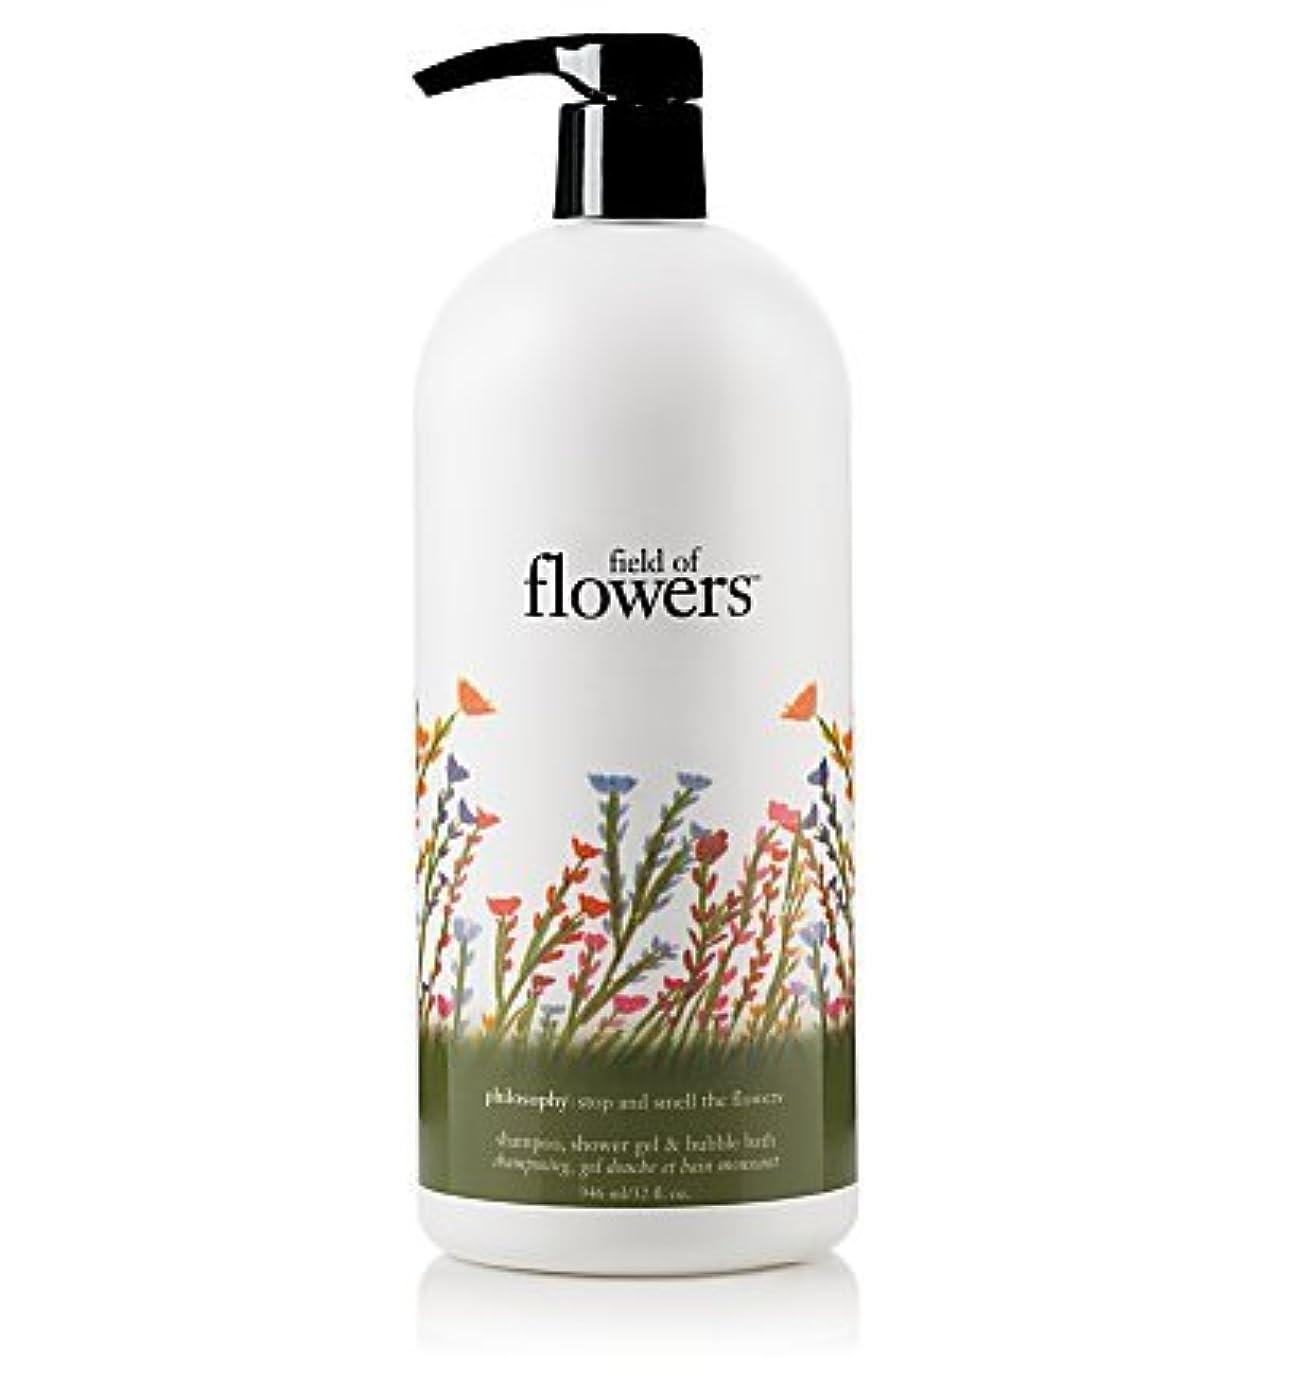 乳白アンケート主人field of flowers (フィールド オブ フラワーズ) 32.0 oz (960ml) shampoo, shower gel & bubble bath for Women